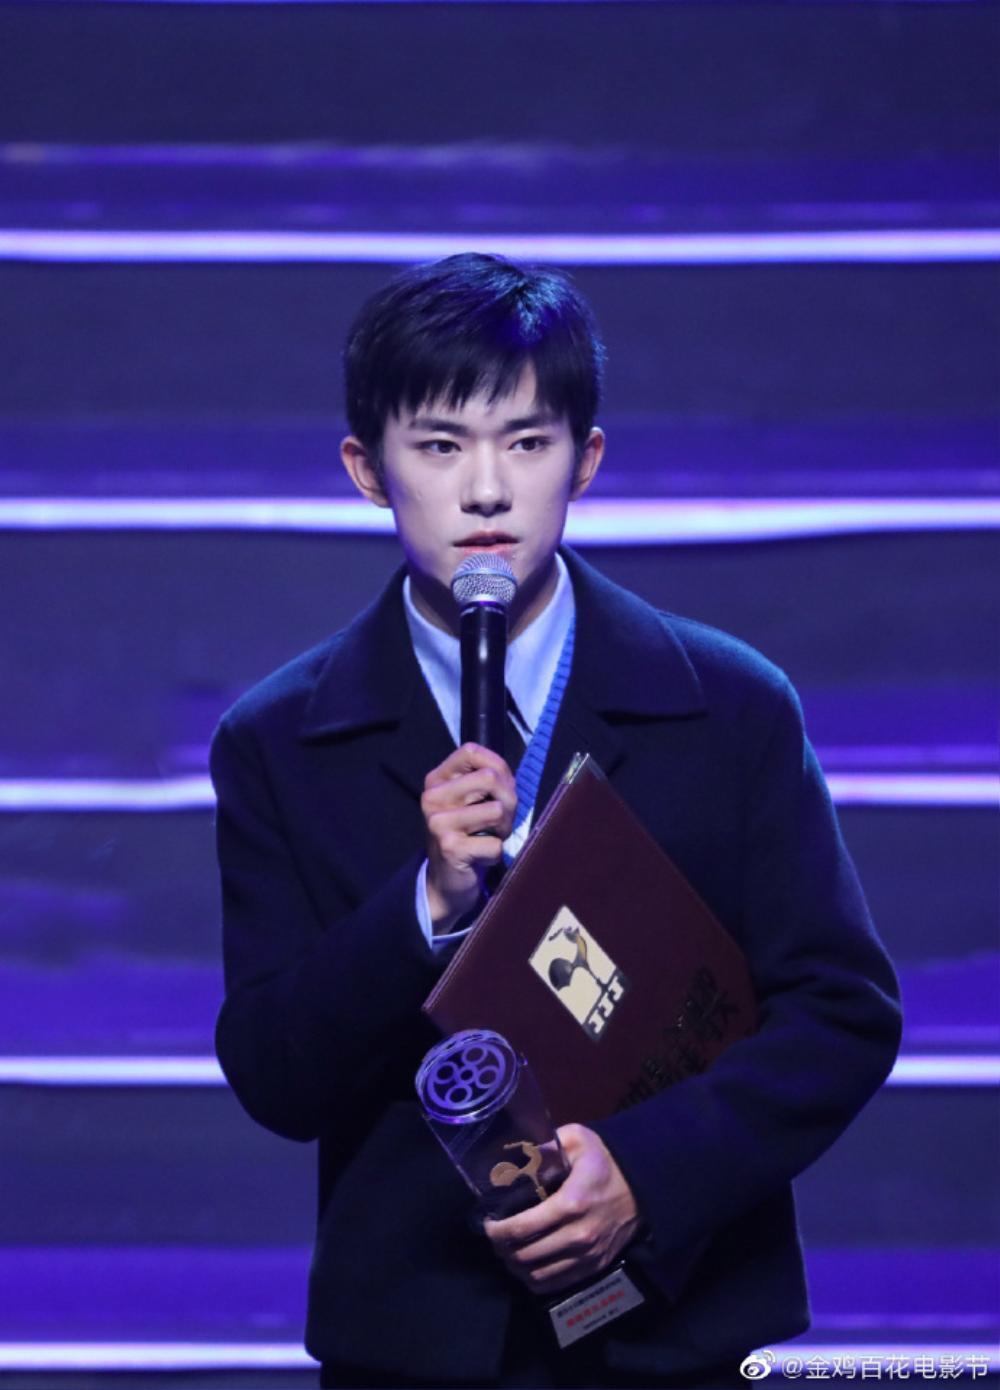 Dịch Dương Thiên Tỉ - Châu Đông Vũ cùng nhận thưởng đề cử, Huỳnh Hiểu Minh phát biểu gây chú ý Ảnh 13